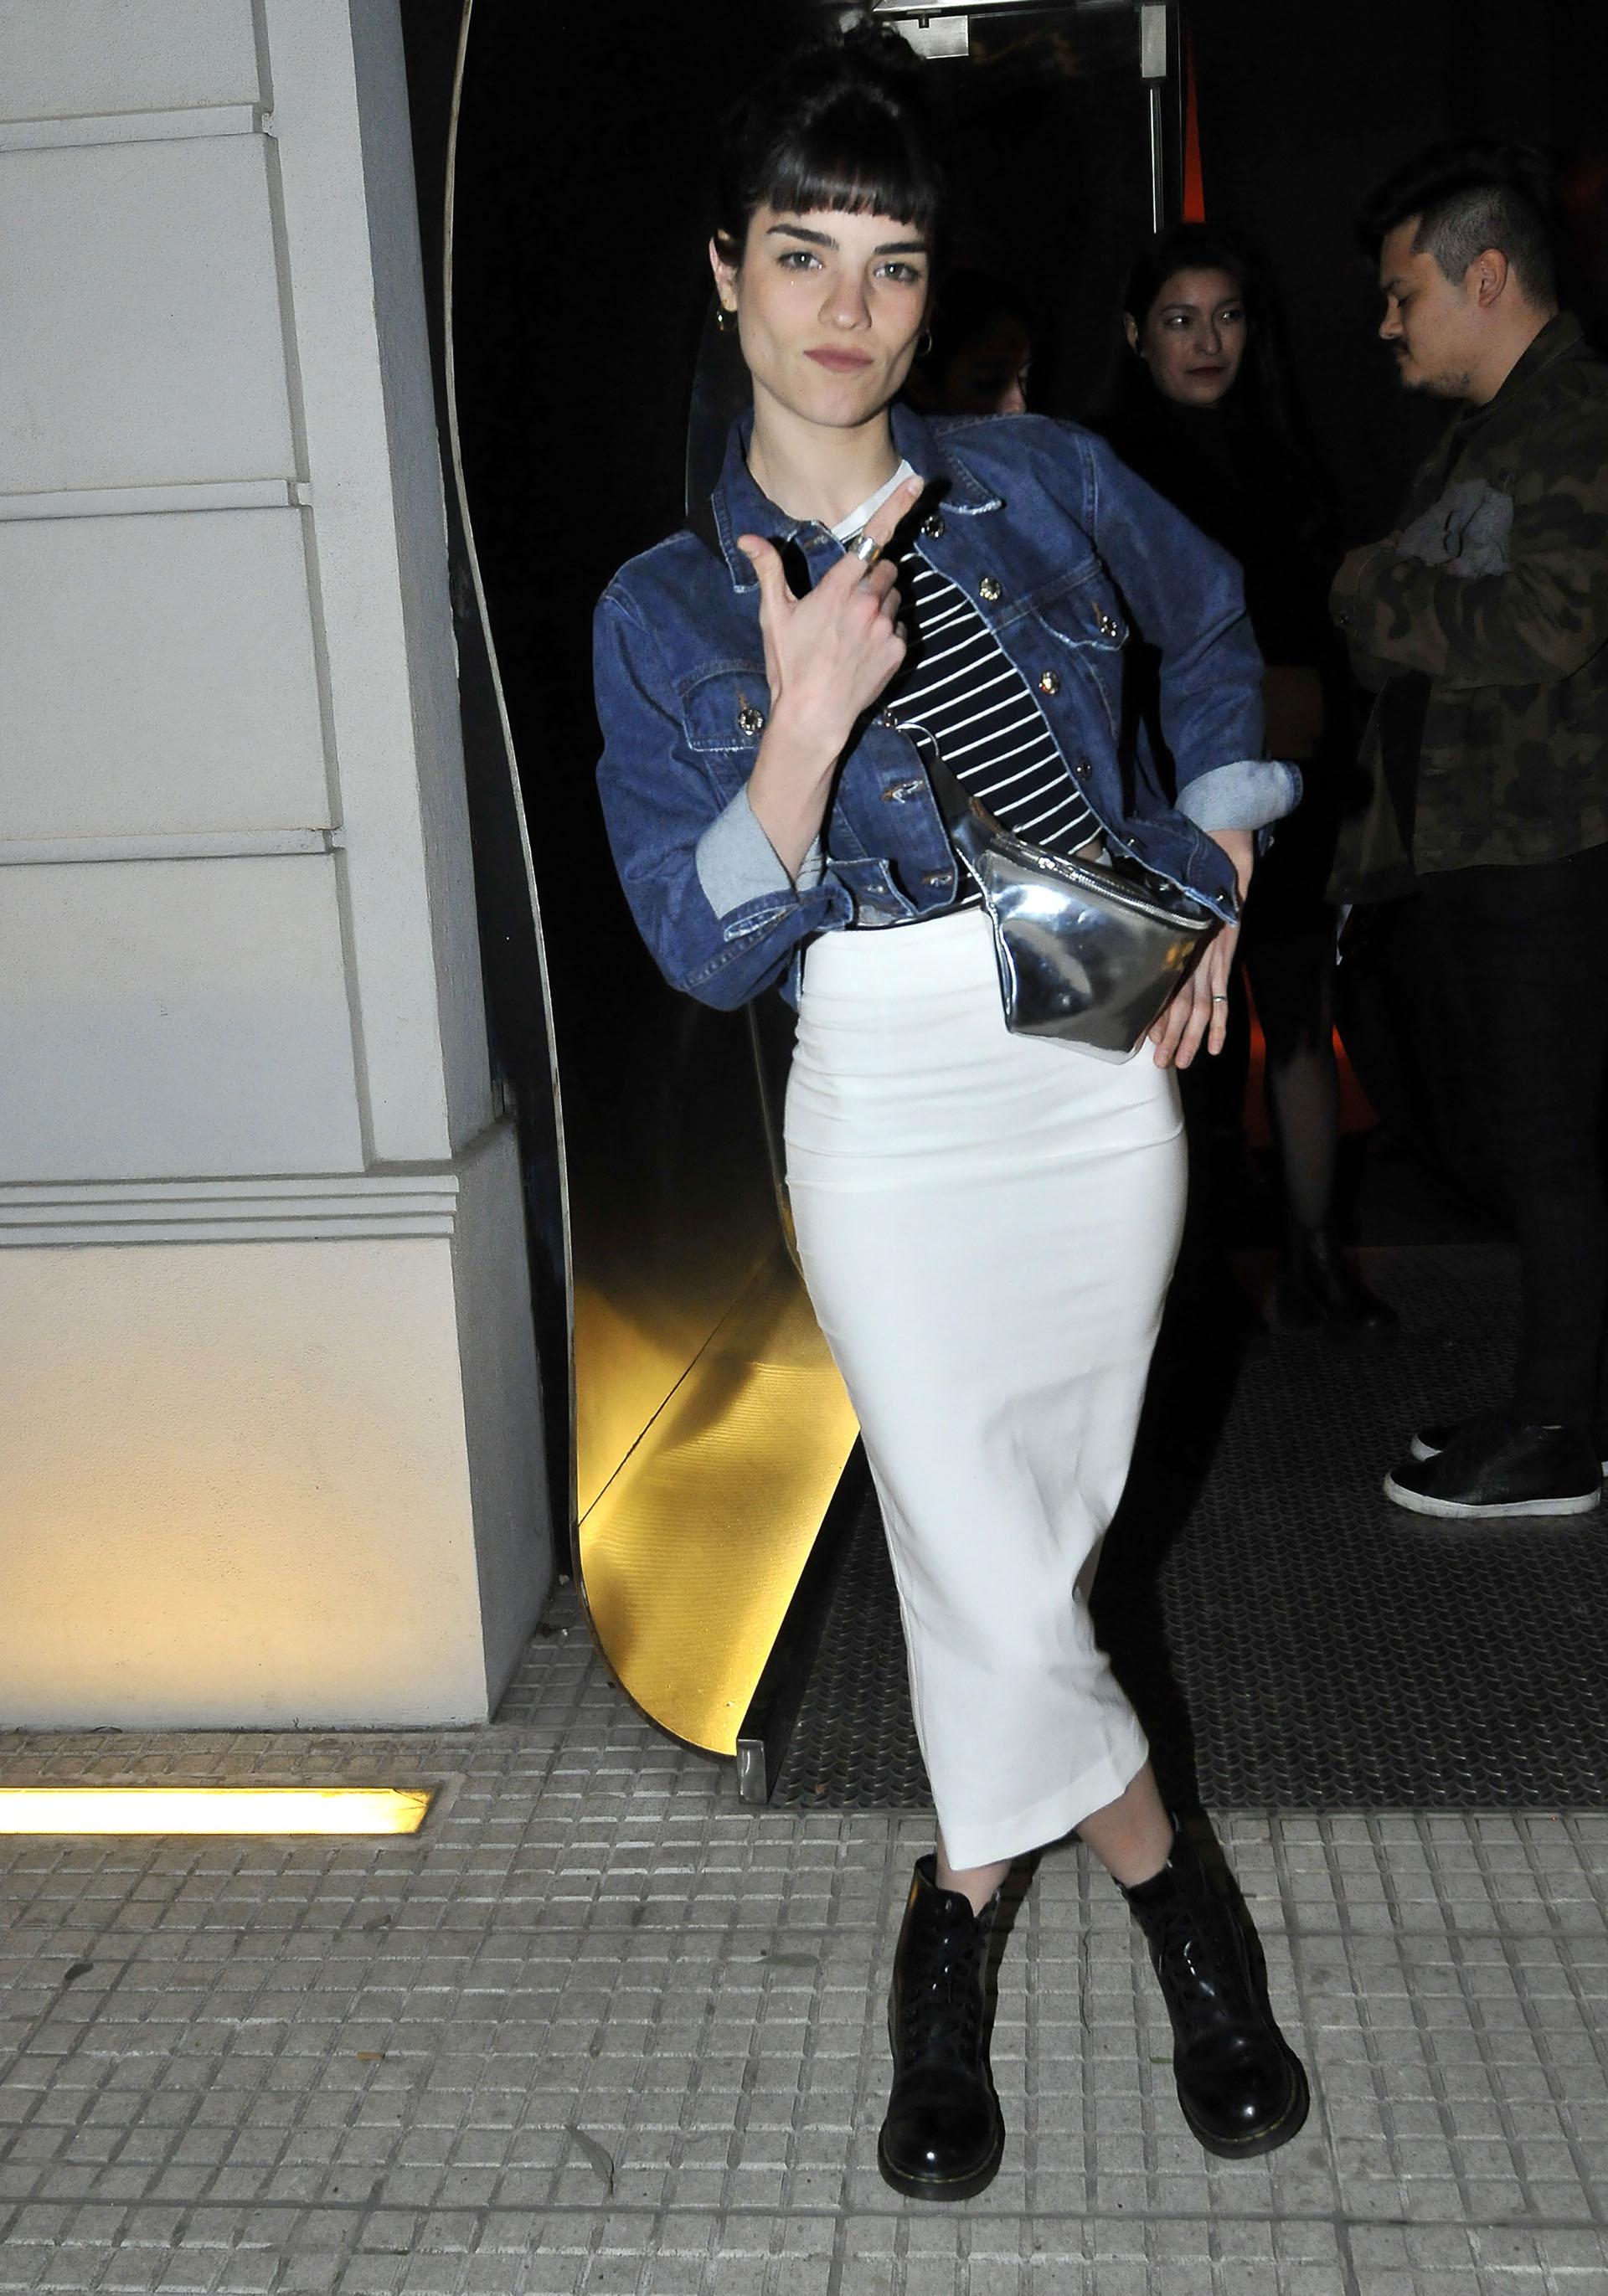 Malena Sánchezdeslumbró conuna campera de jean, remera crop top rayada y falda tubo midi. La actriz de 28 años completó su look con borcegos acharolados y riñonera metalizada